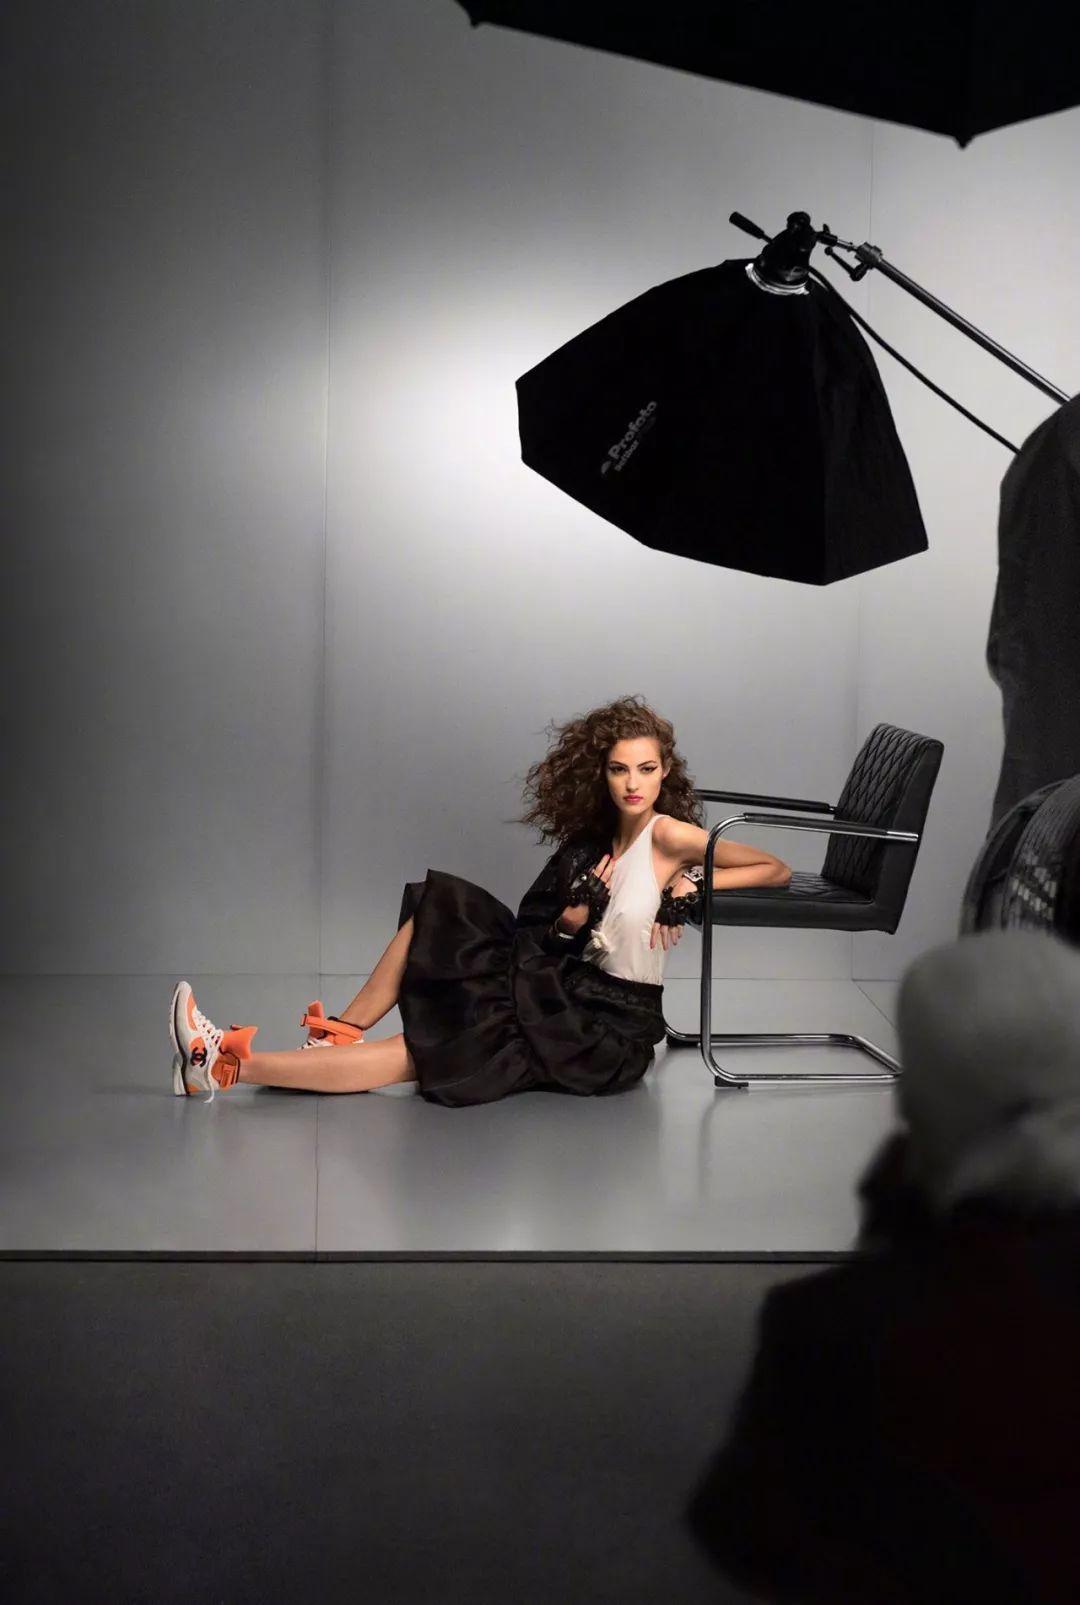 时尚 正文  但是,对平面模特的要求,不仅是肖像上镜或形体线条优美